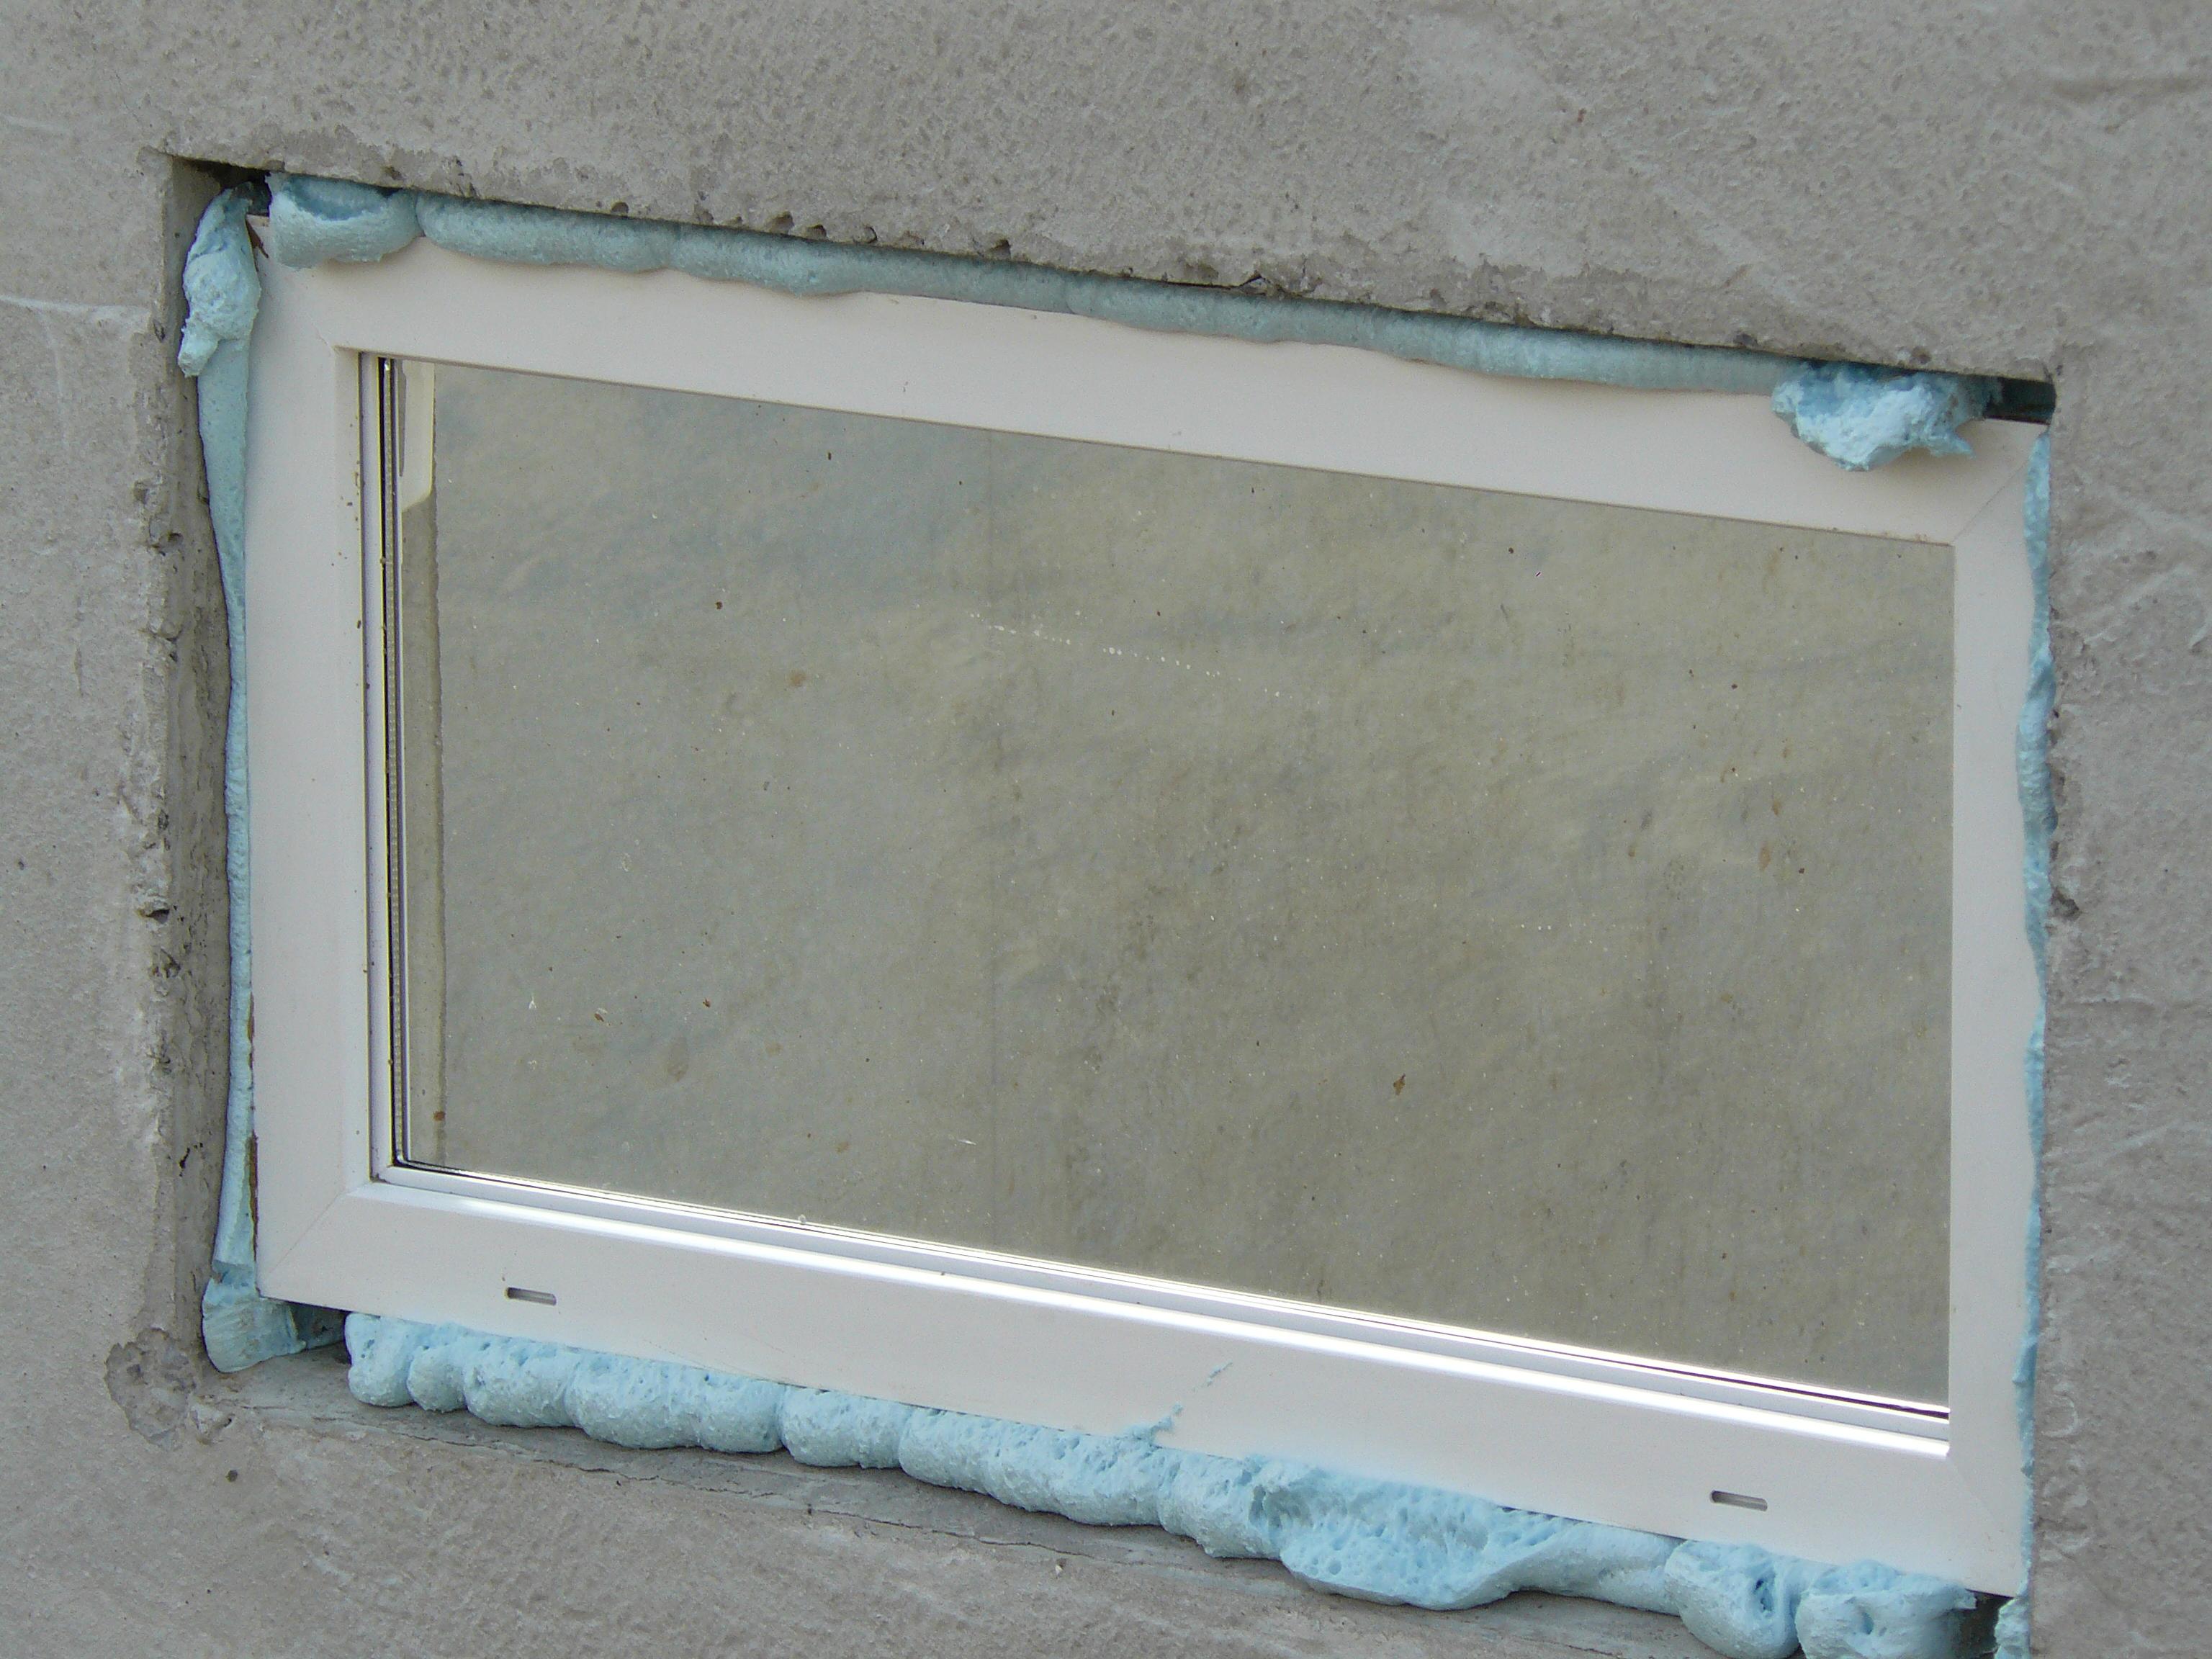 Kellerfenster von außen